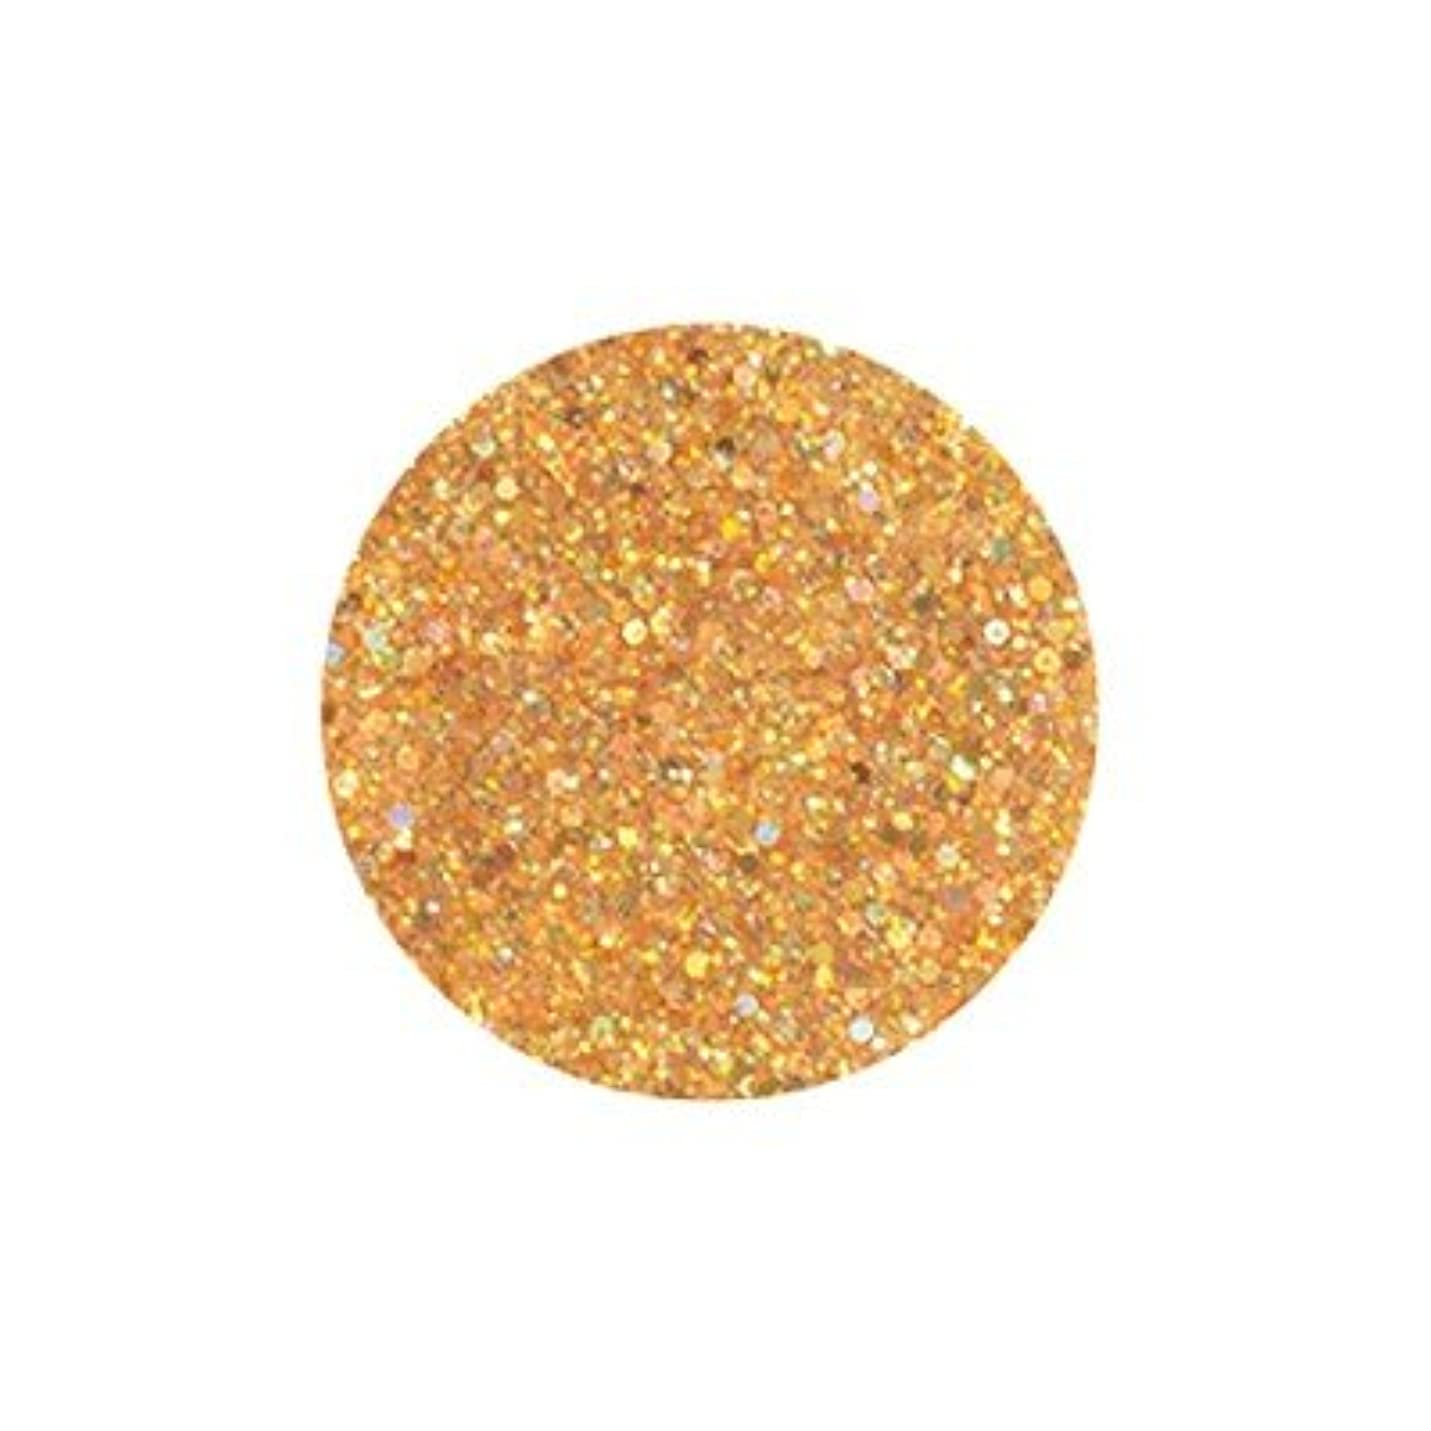 剪断消毒剤パークFANTASY NAIL ダイヤモンドコレクション 3g 4254XS カラーパウダー アート材